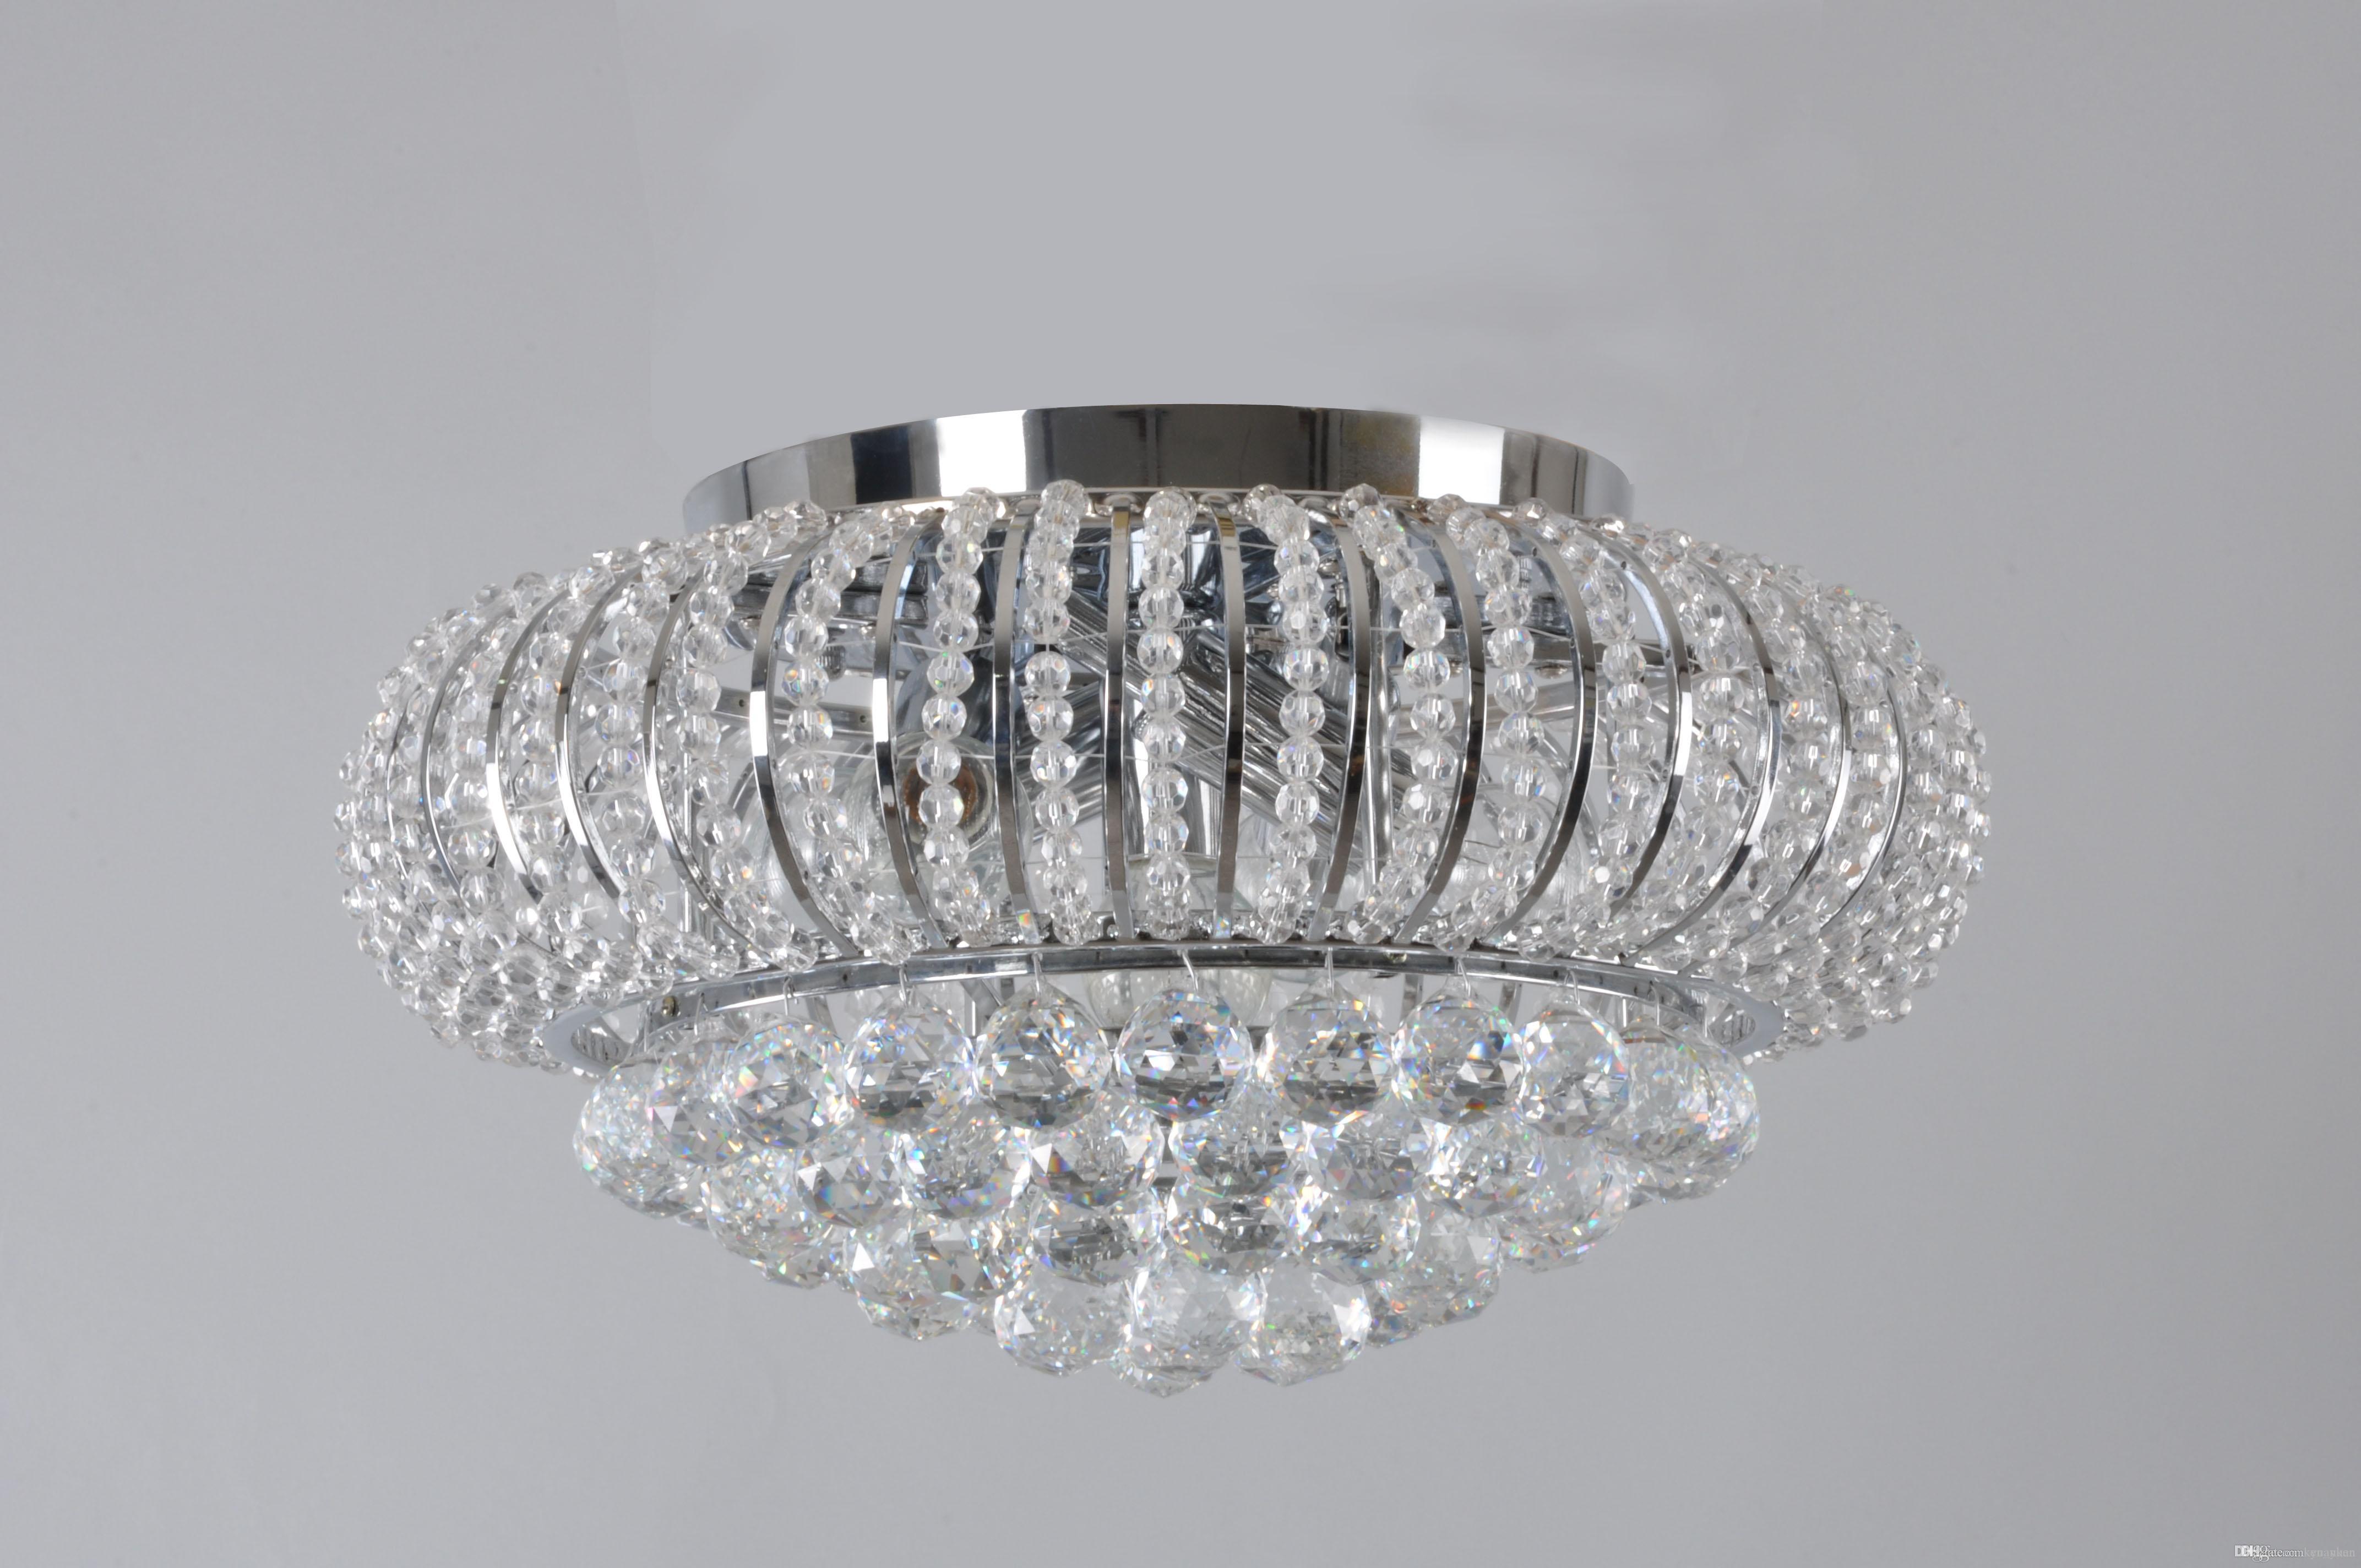 Crystal Ceiling Lighting Crystal Ceiling Lights Bedroom Dining